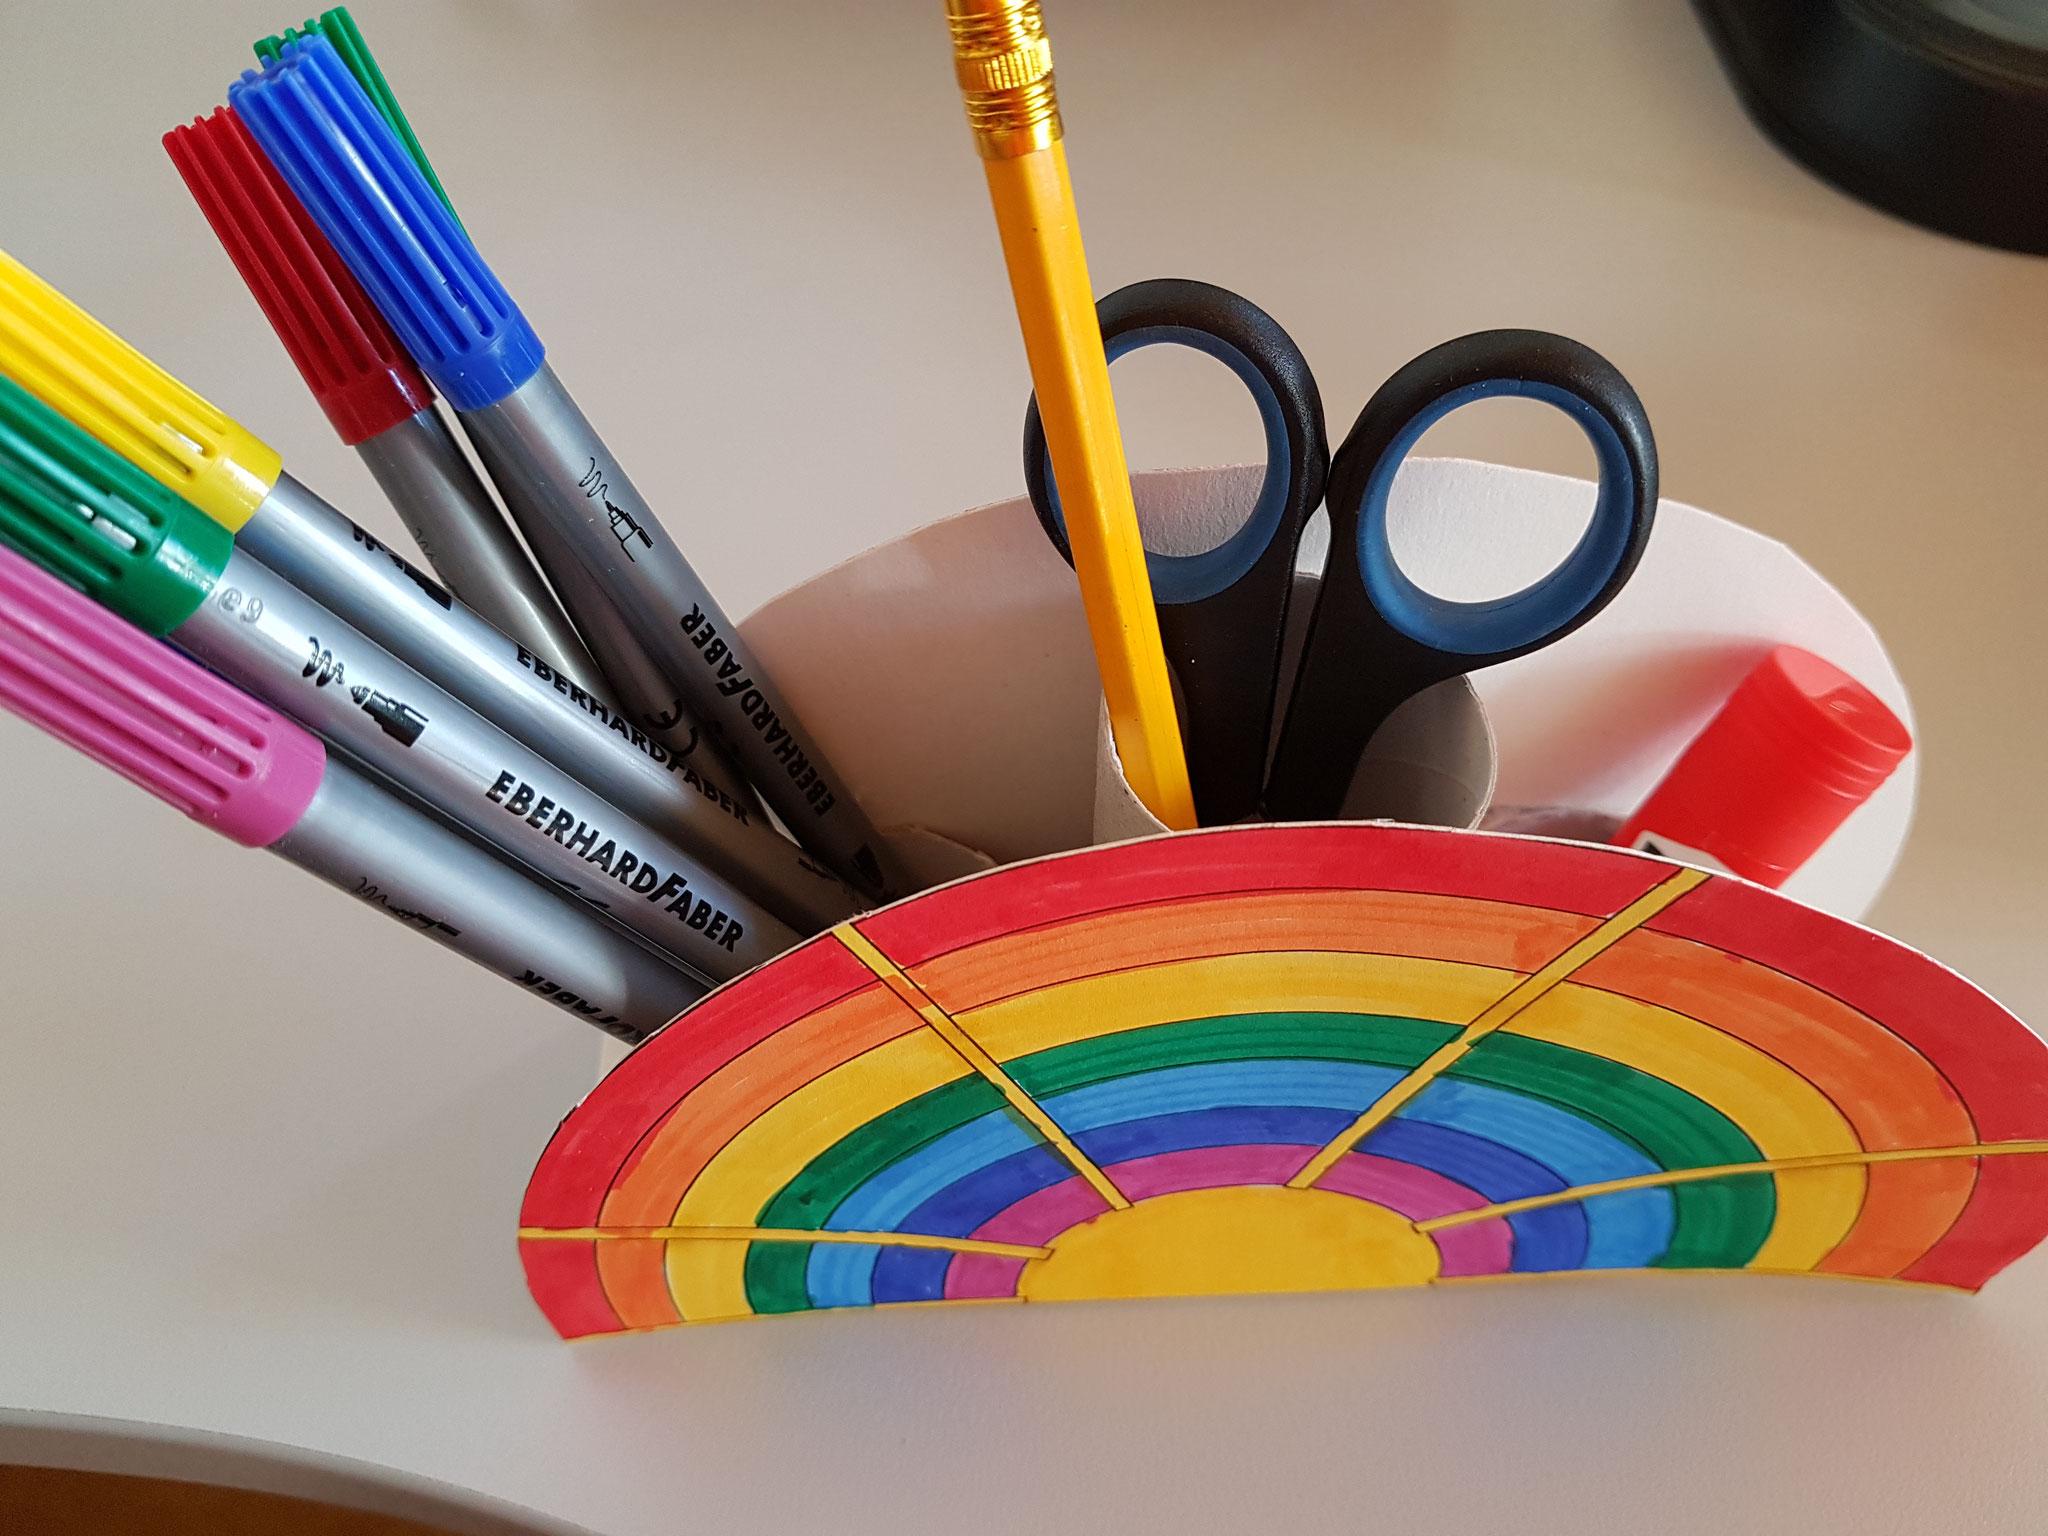 ...kannst du deine Stifte und Co hineinräumen...